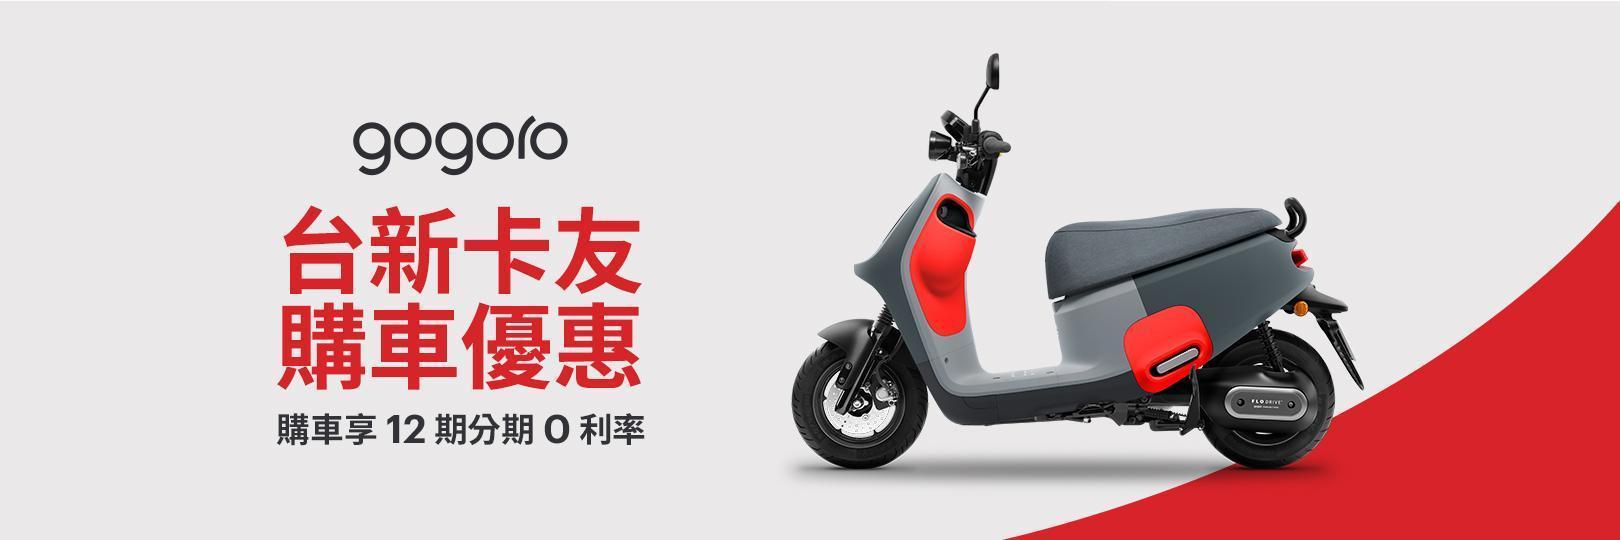 Gogoro刷台新卡很可以 享最高12期0利率或888元